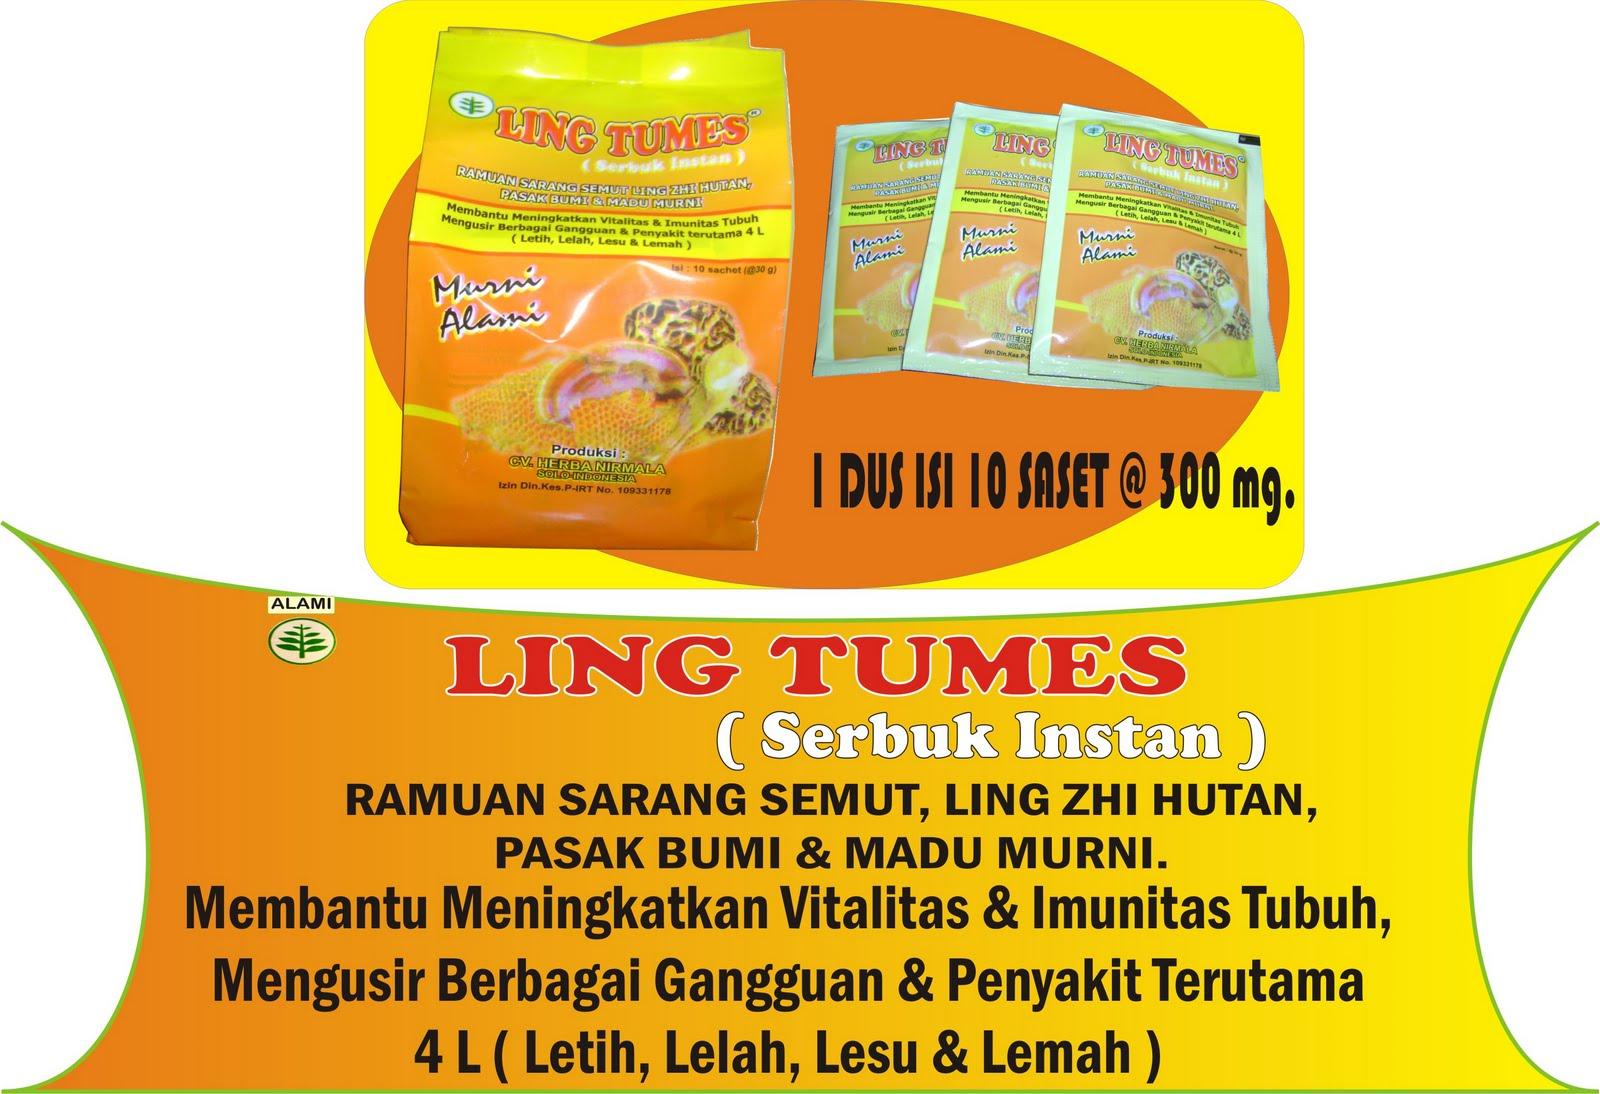 obat herbal dari sarang semut papua